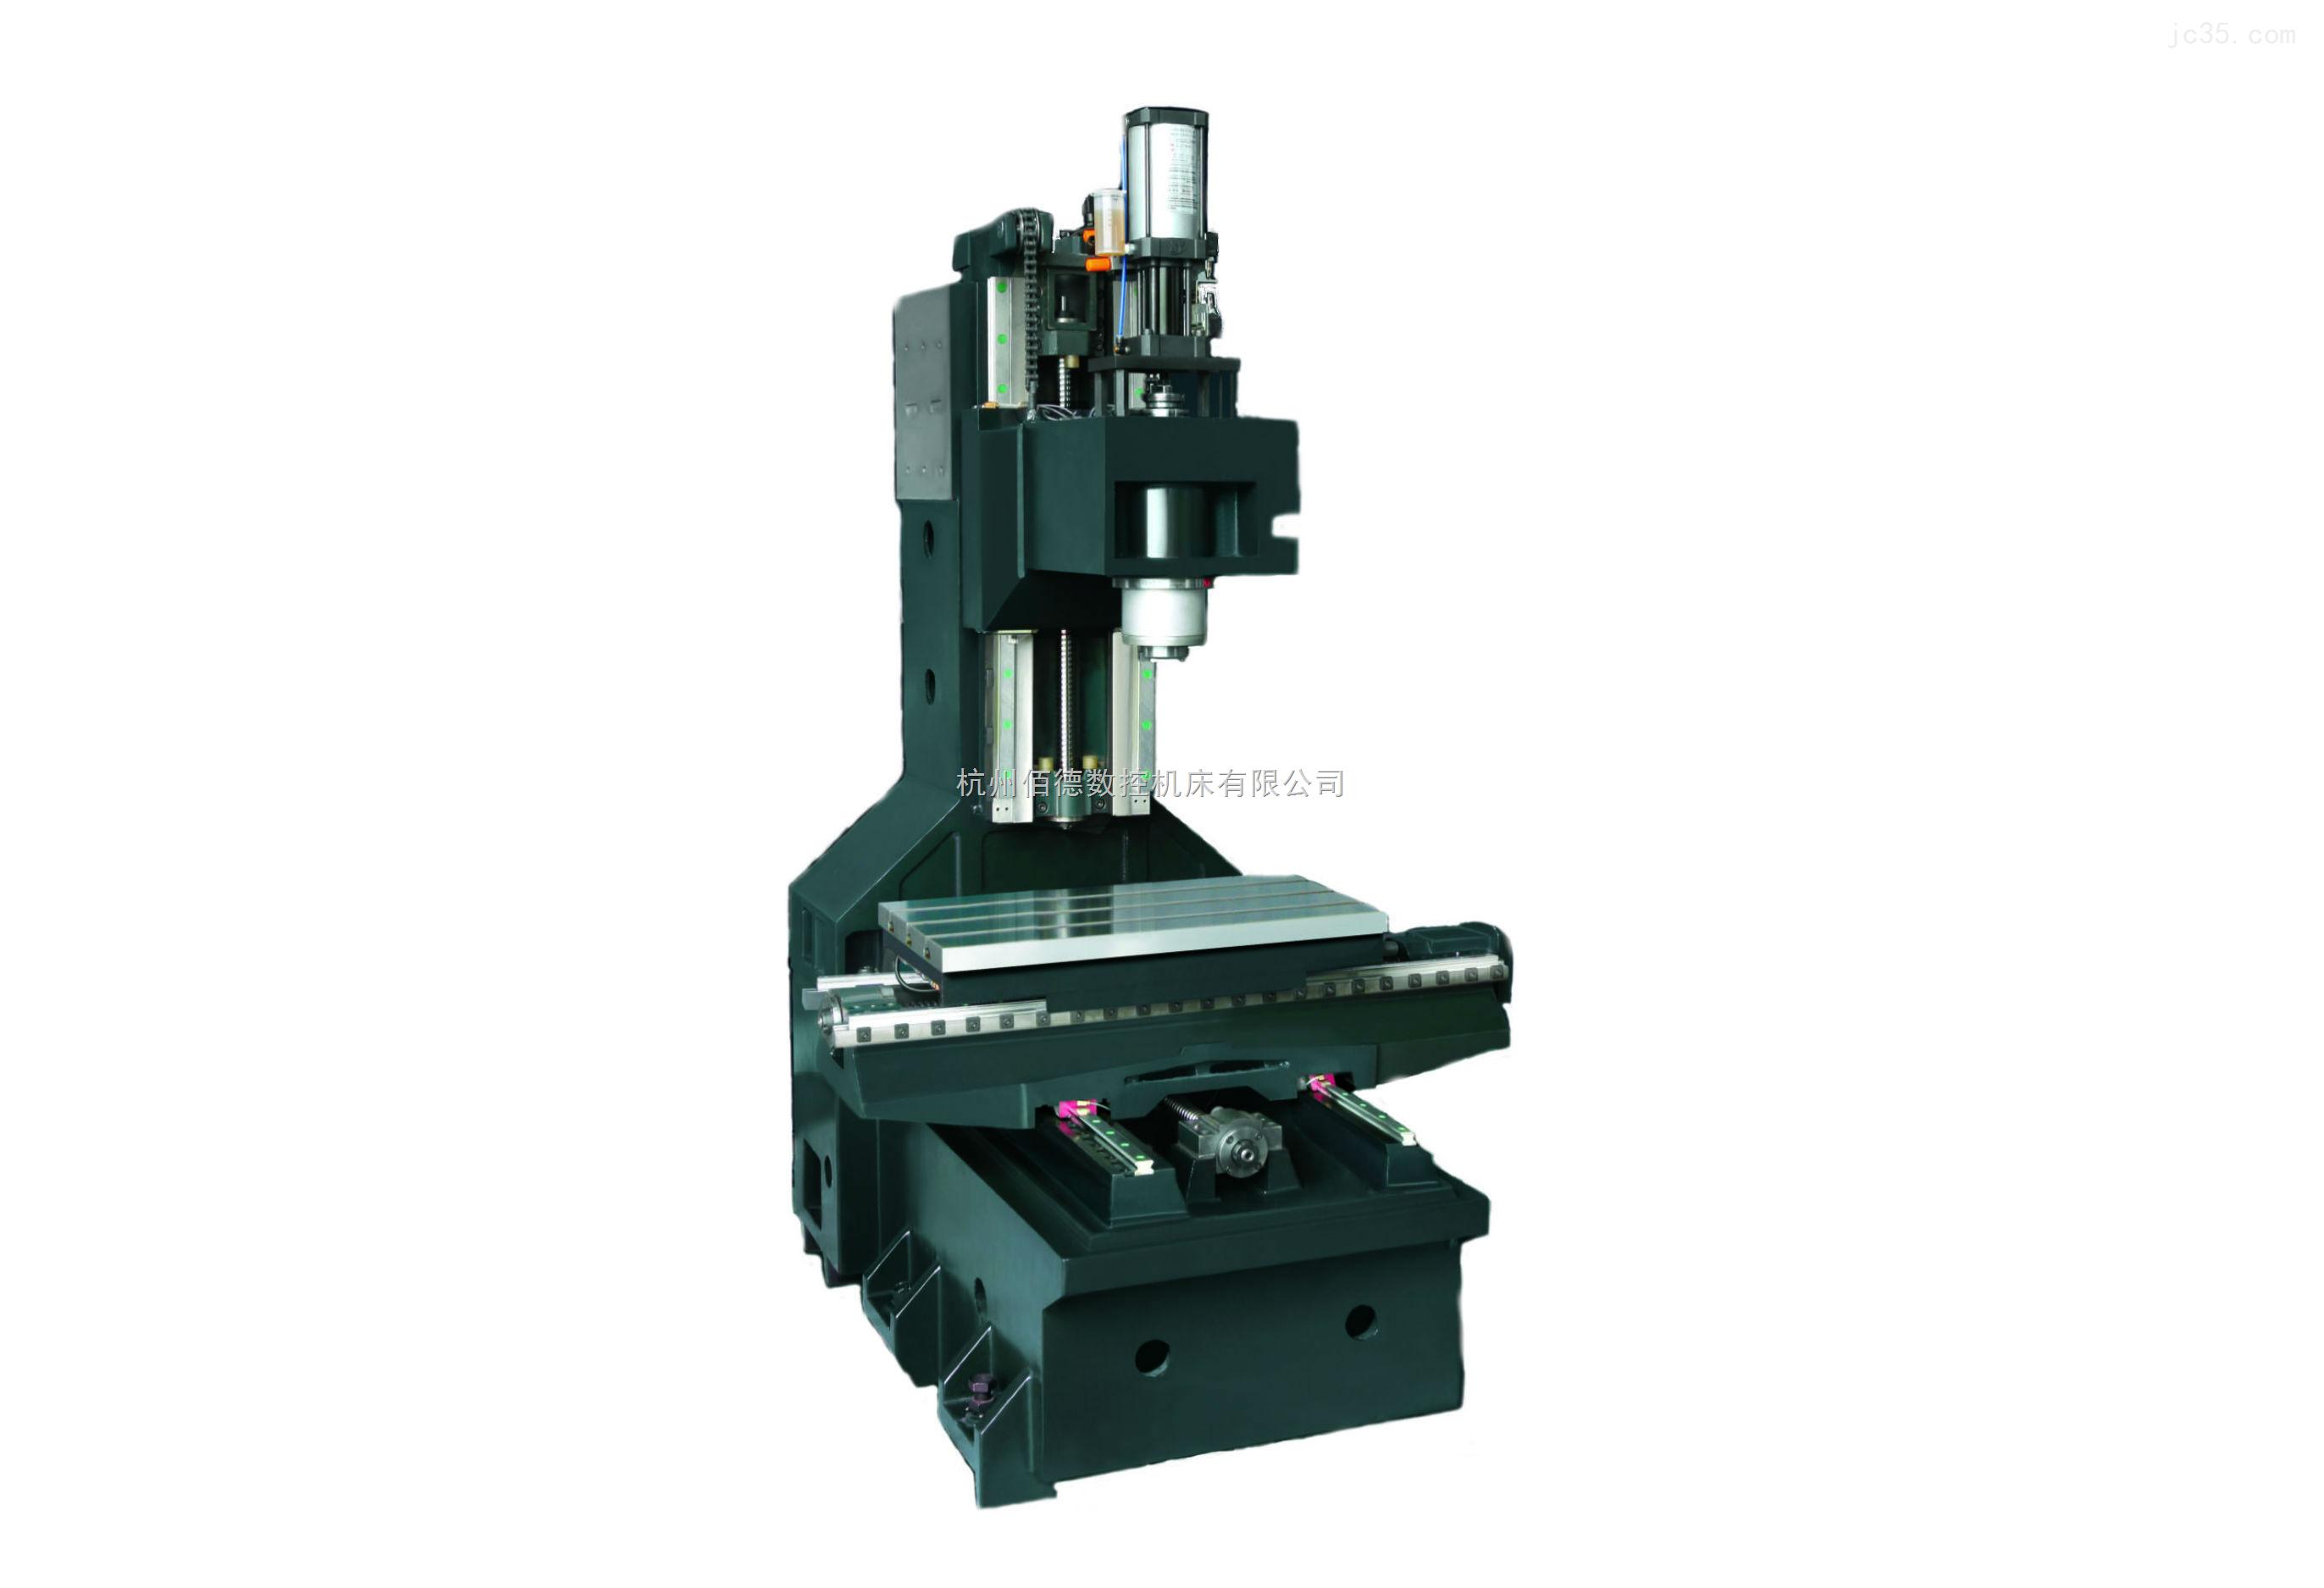 VMC-650-3L型立式加工中心光机